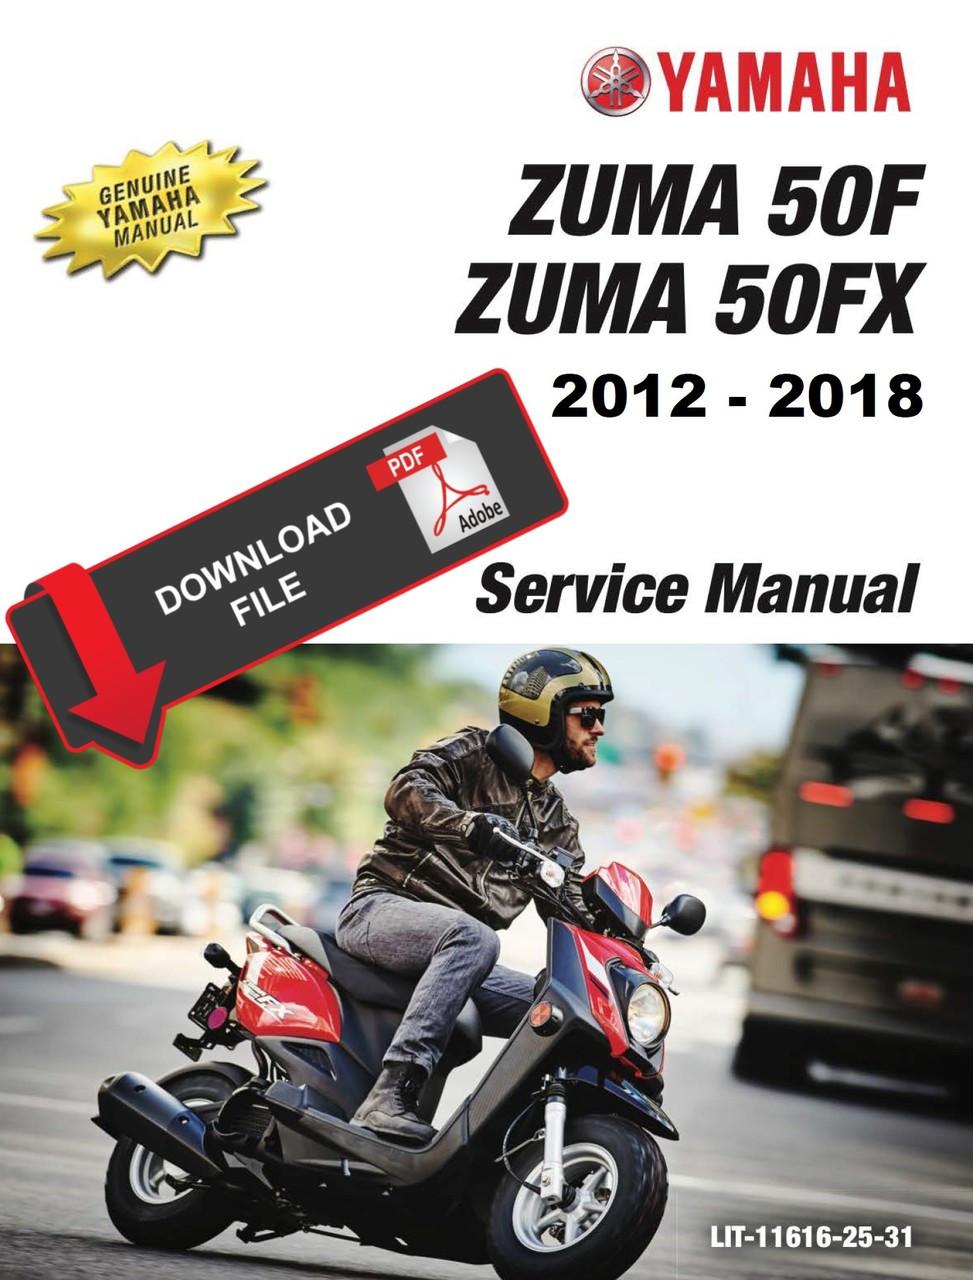 [SCHEMATICS_48YU]  Yamaha 2017 Zuma 50 Service Manual | Zuma 50f Wiring Diagram |  | Service Manual Warehouse